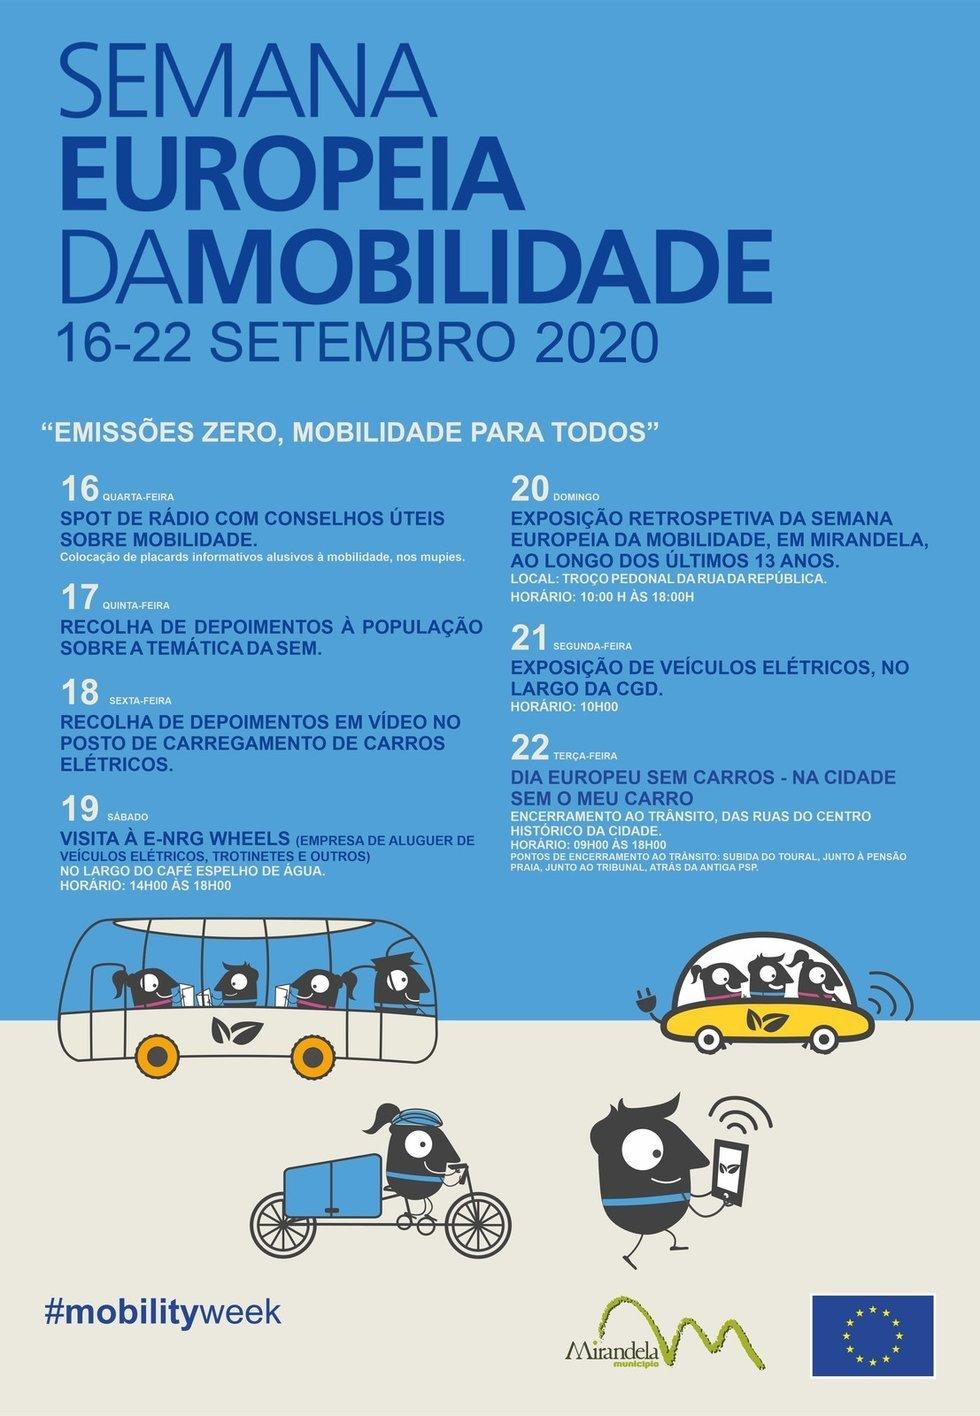 Semana Europeia da Mobilidade 2020